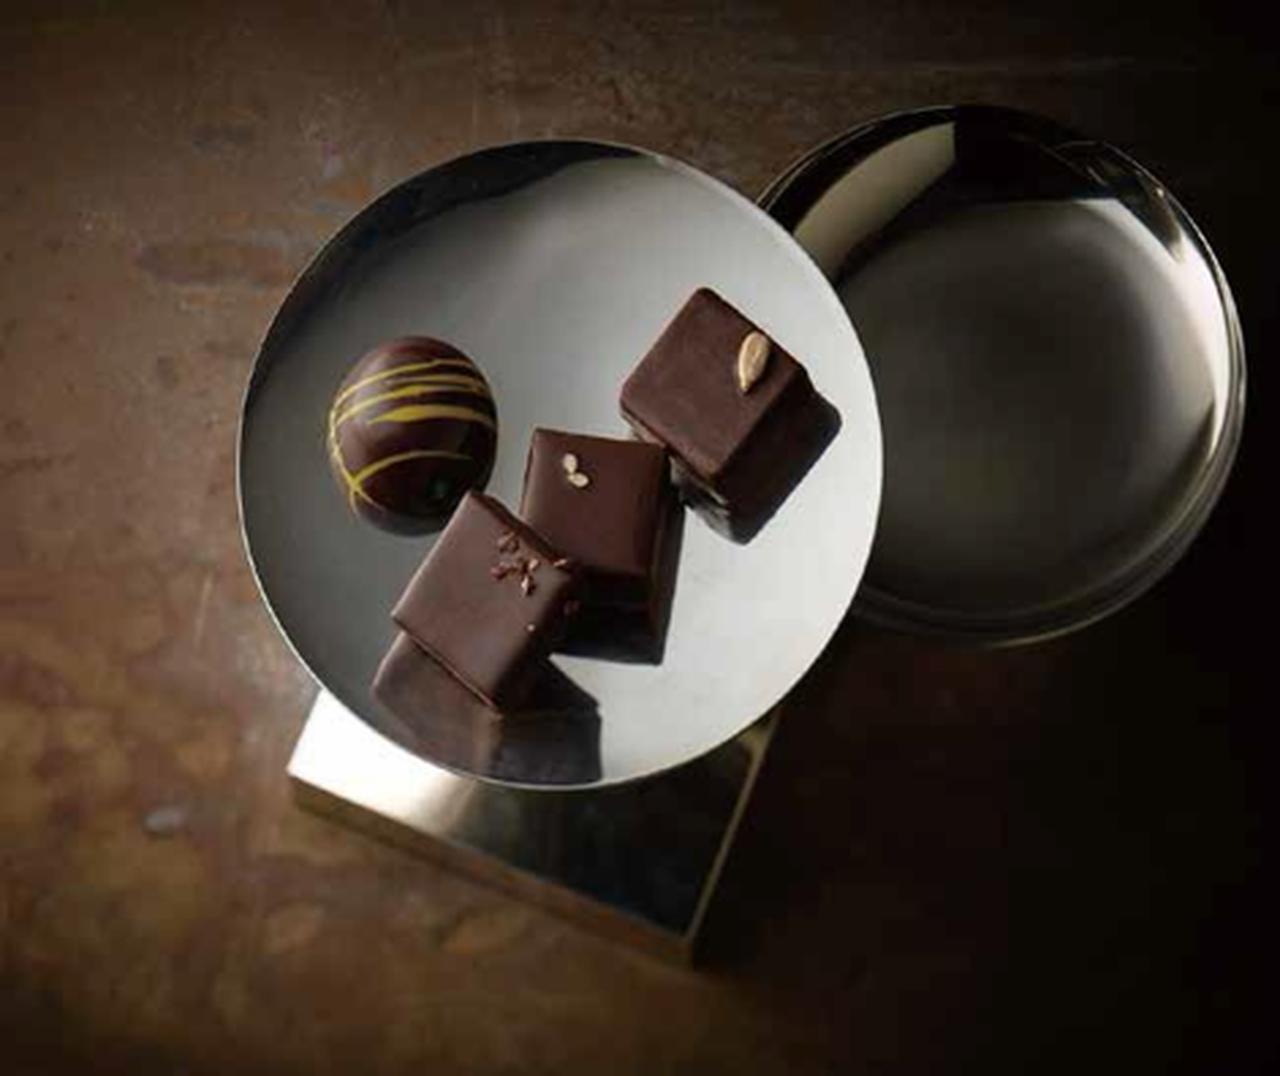 画像: ■アスナ/ソレイユ〔4個入〕 2,538円 パティシエ自らが畑を訪れて念入りに選別した、カカオへのこだわりに注目の洗練されたチョコレート。